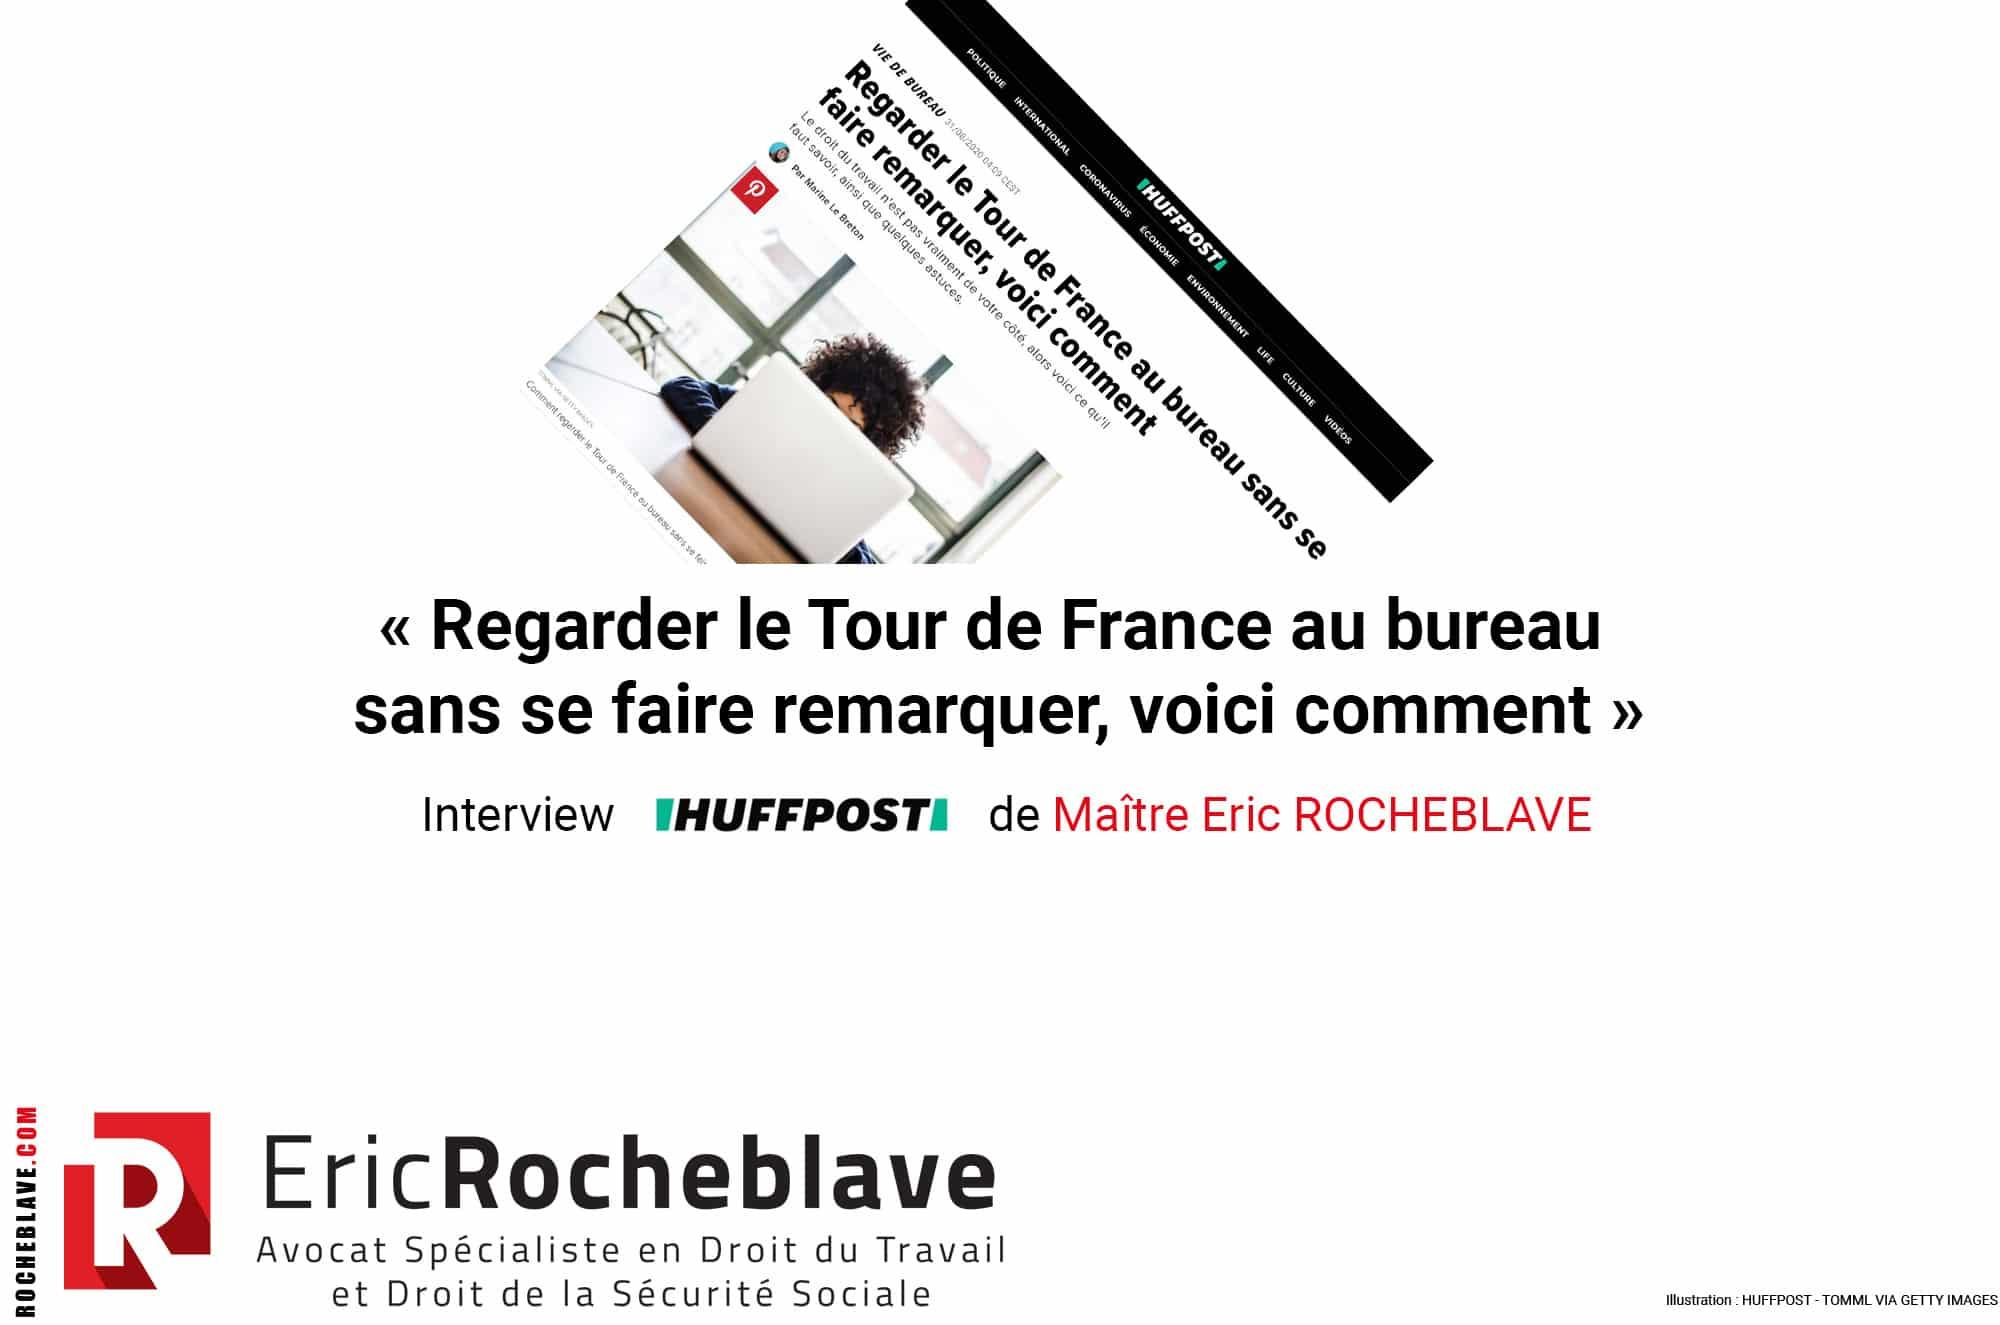 « Regarder le Tour de France au bureau sans se faire remarquer, voici comment » Interview HUFFPOST de Maître Eric ROCHEBLAVE